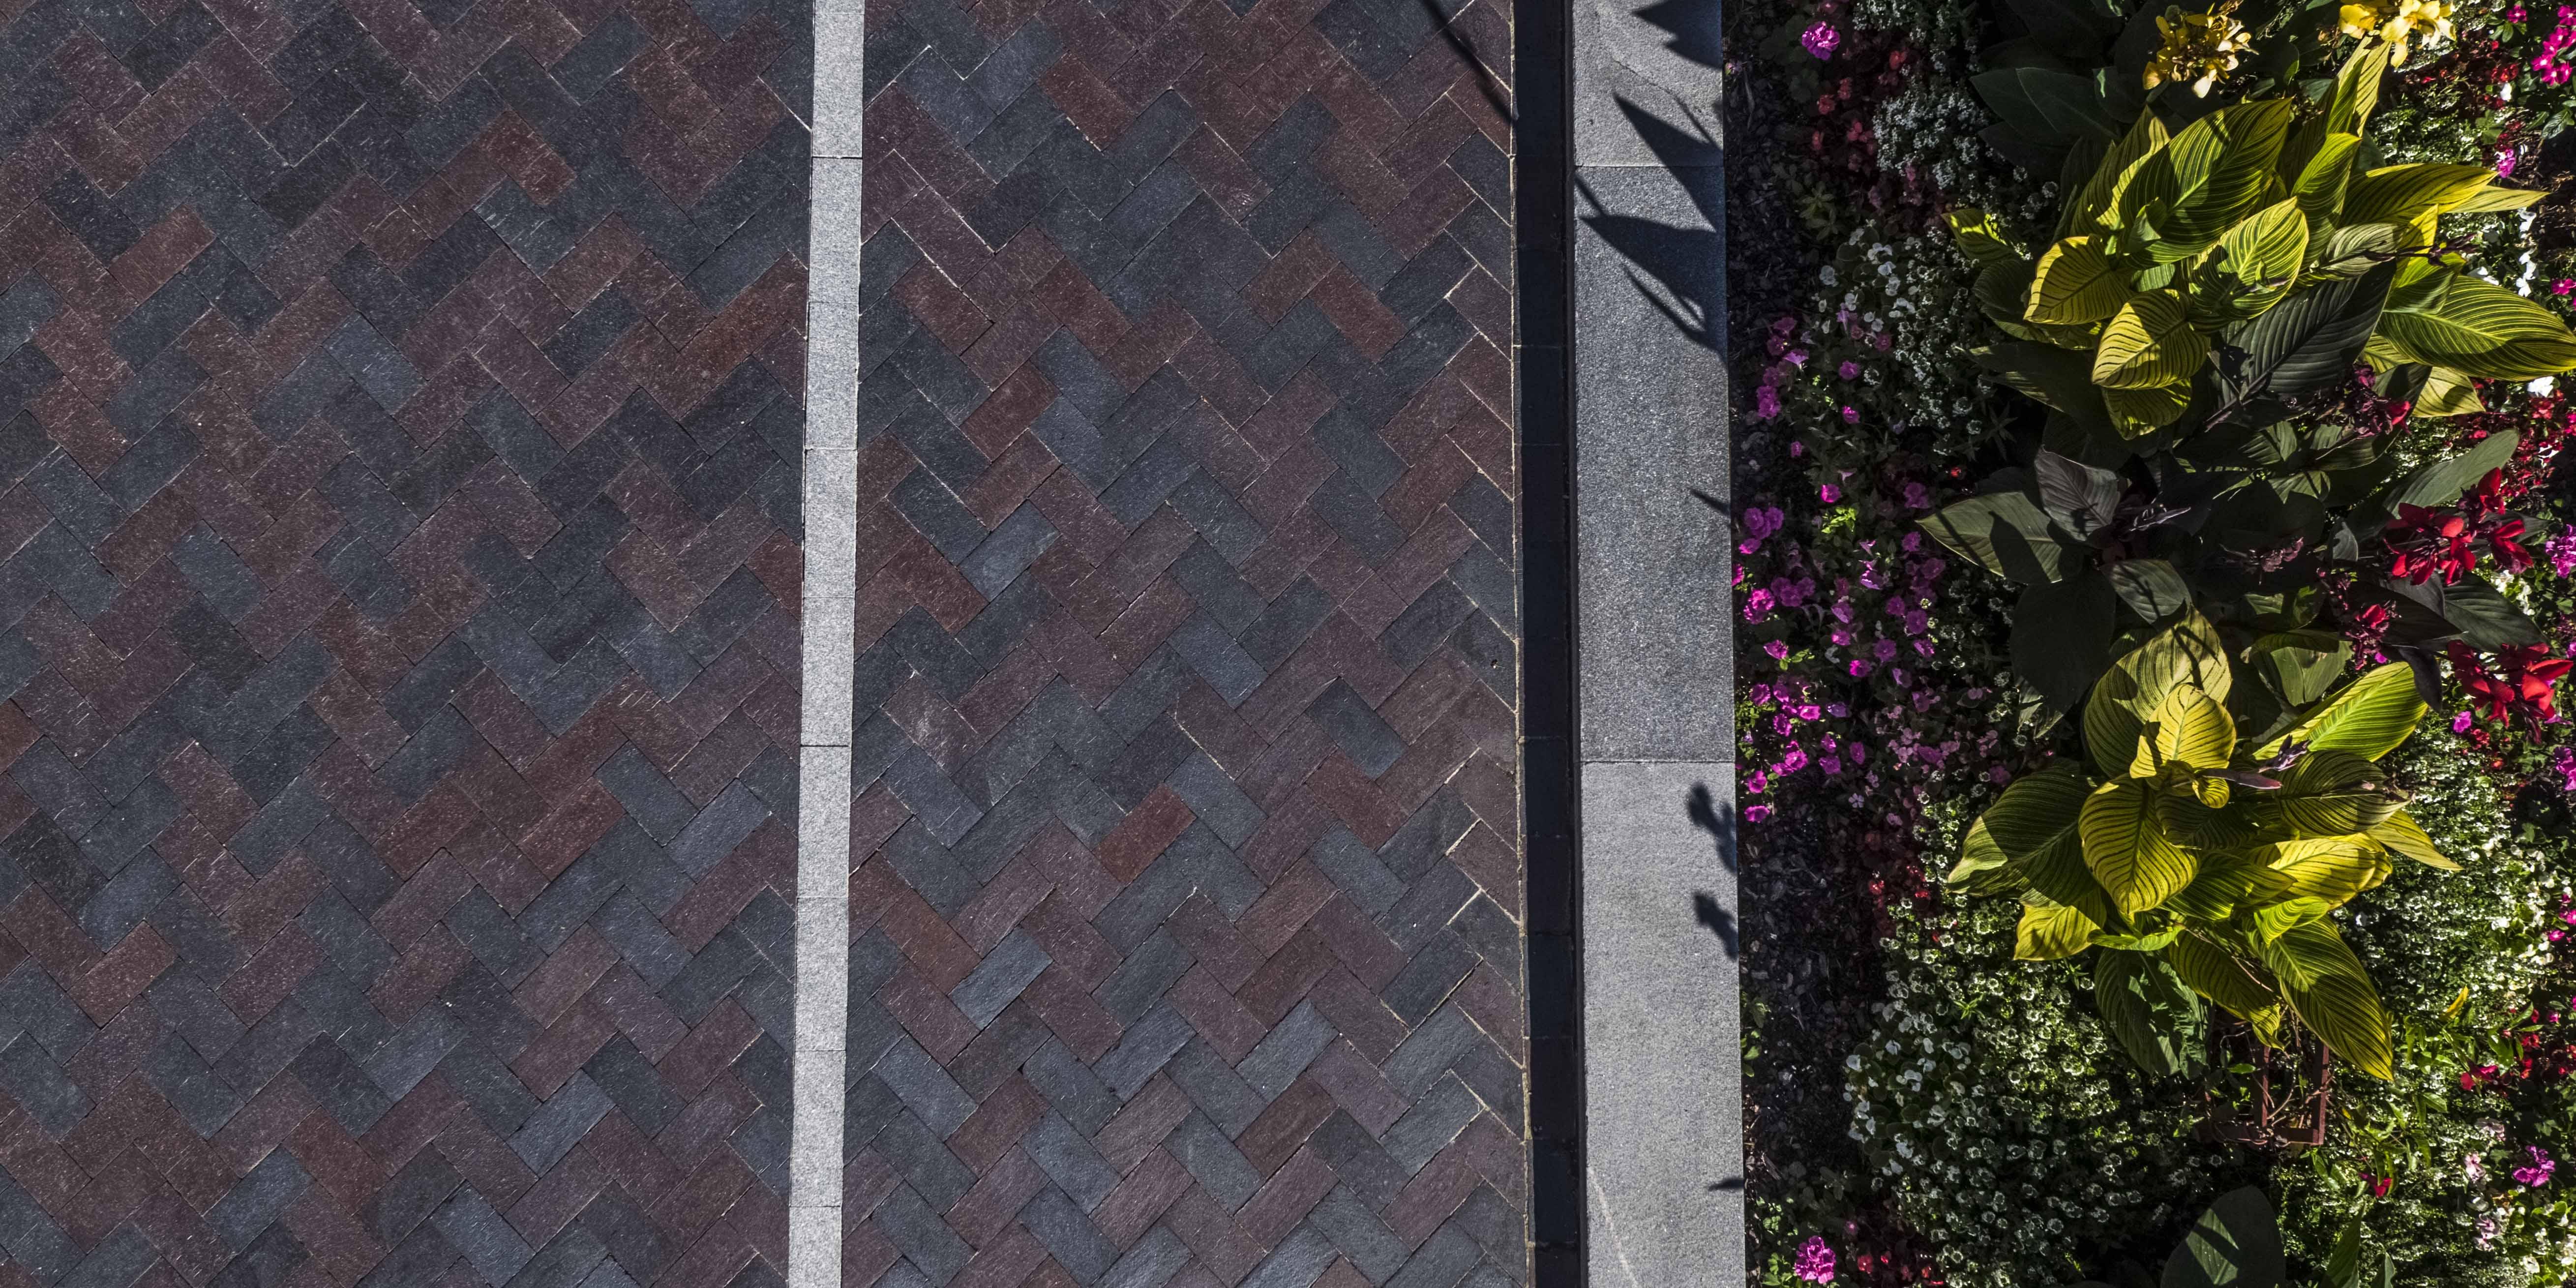 Endicott Brick,Face Brick, Thin Brick,Pavers,Tile